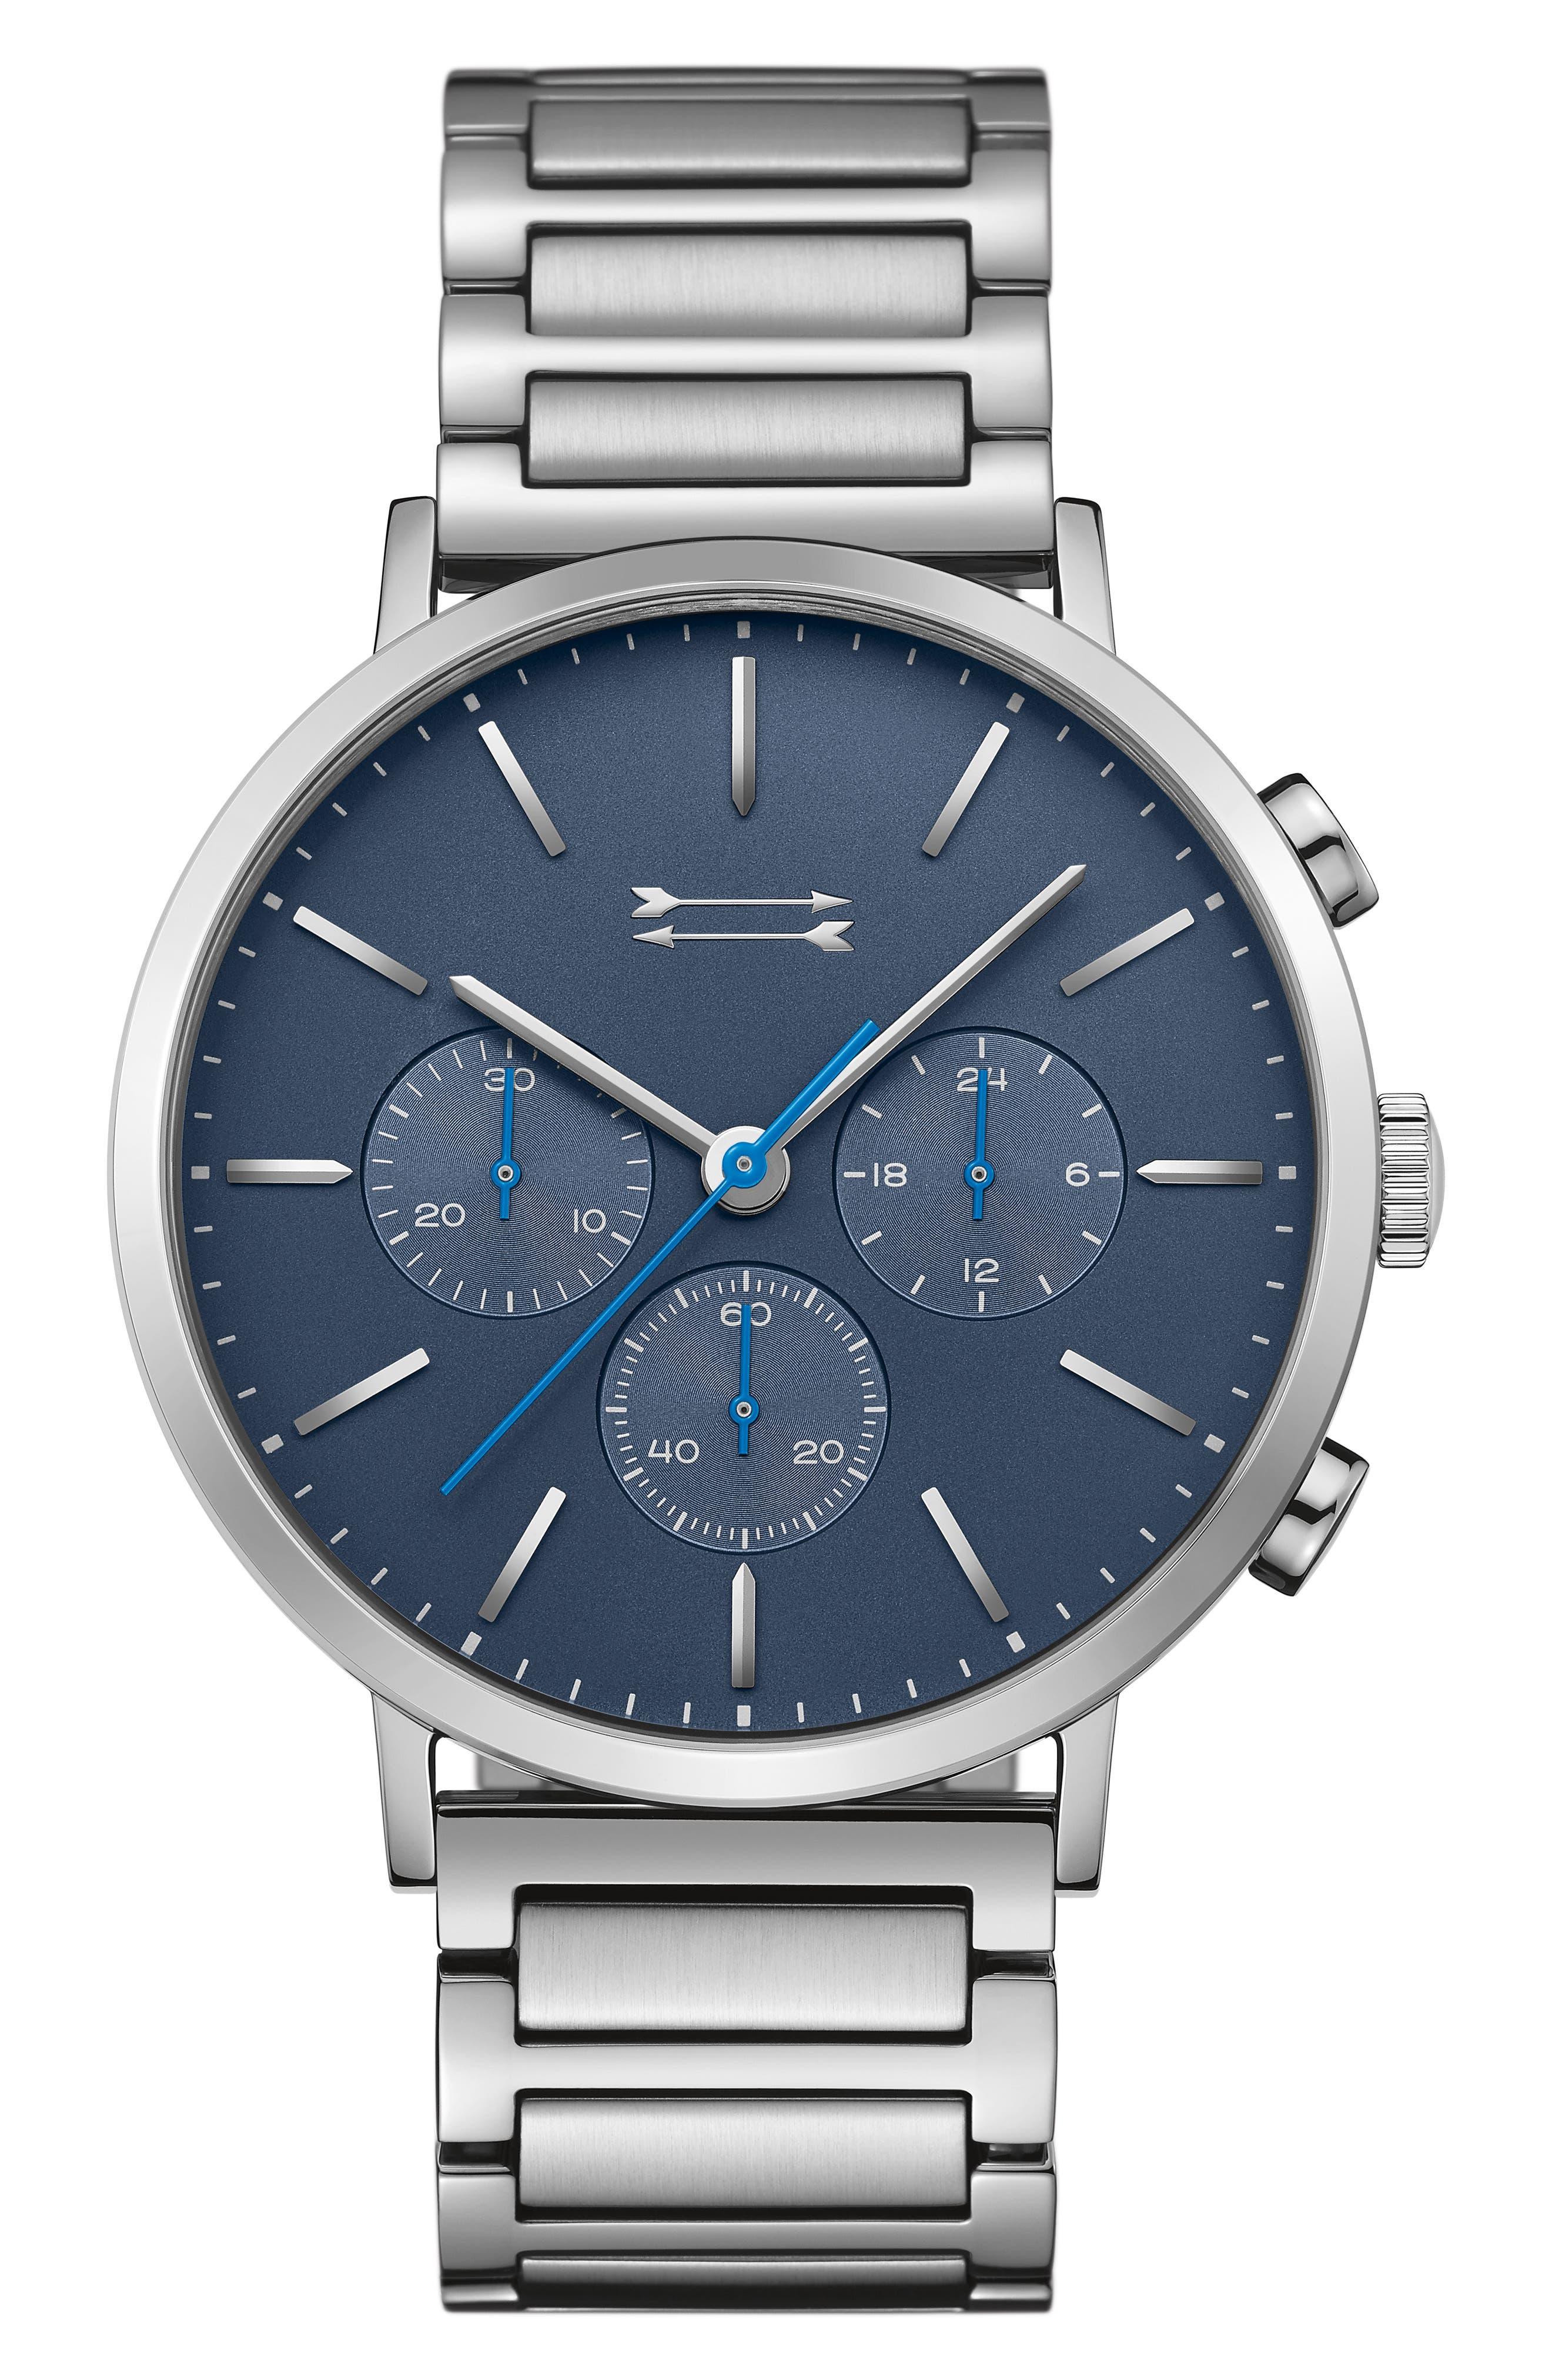 URI MINKOFF Griffith Bracelet Watch, 43Mm in Silver/ Blue/ Silver